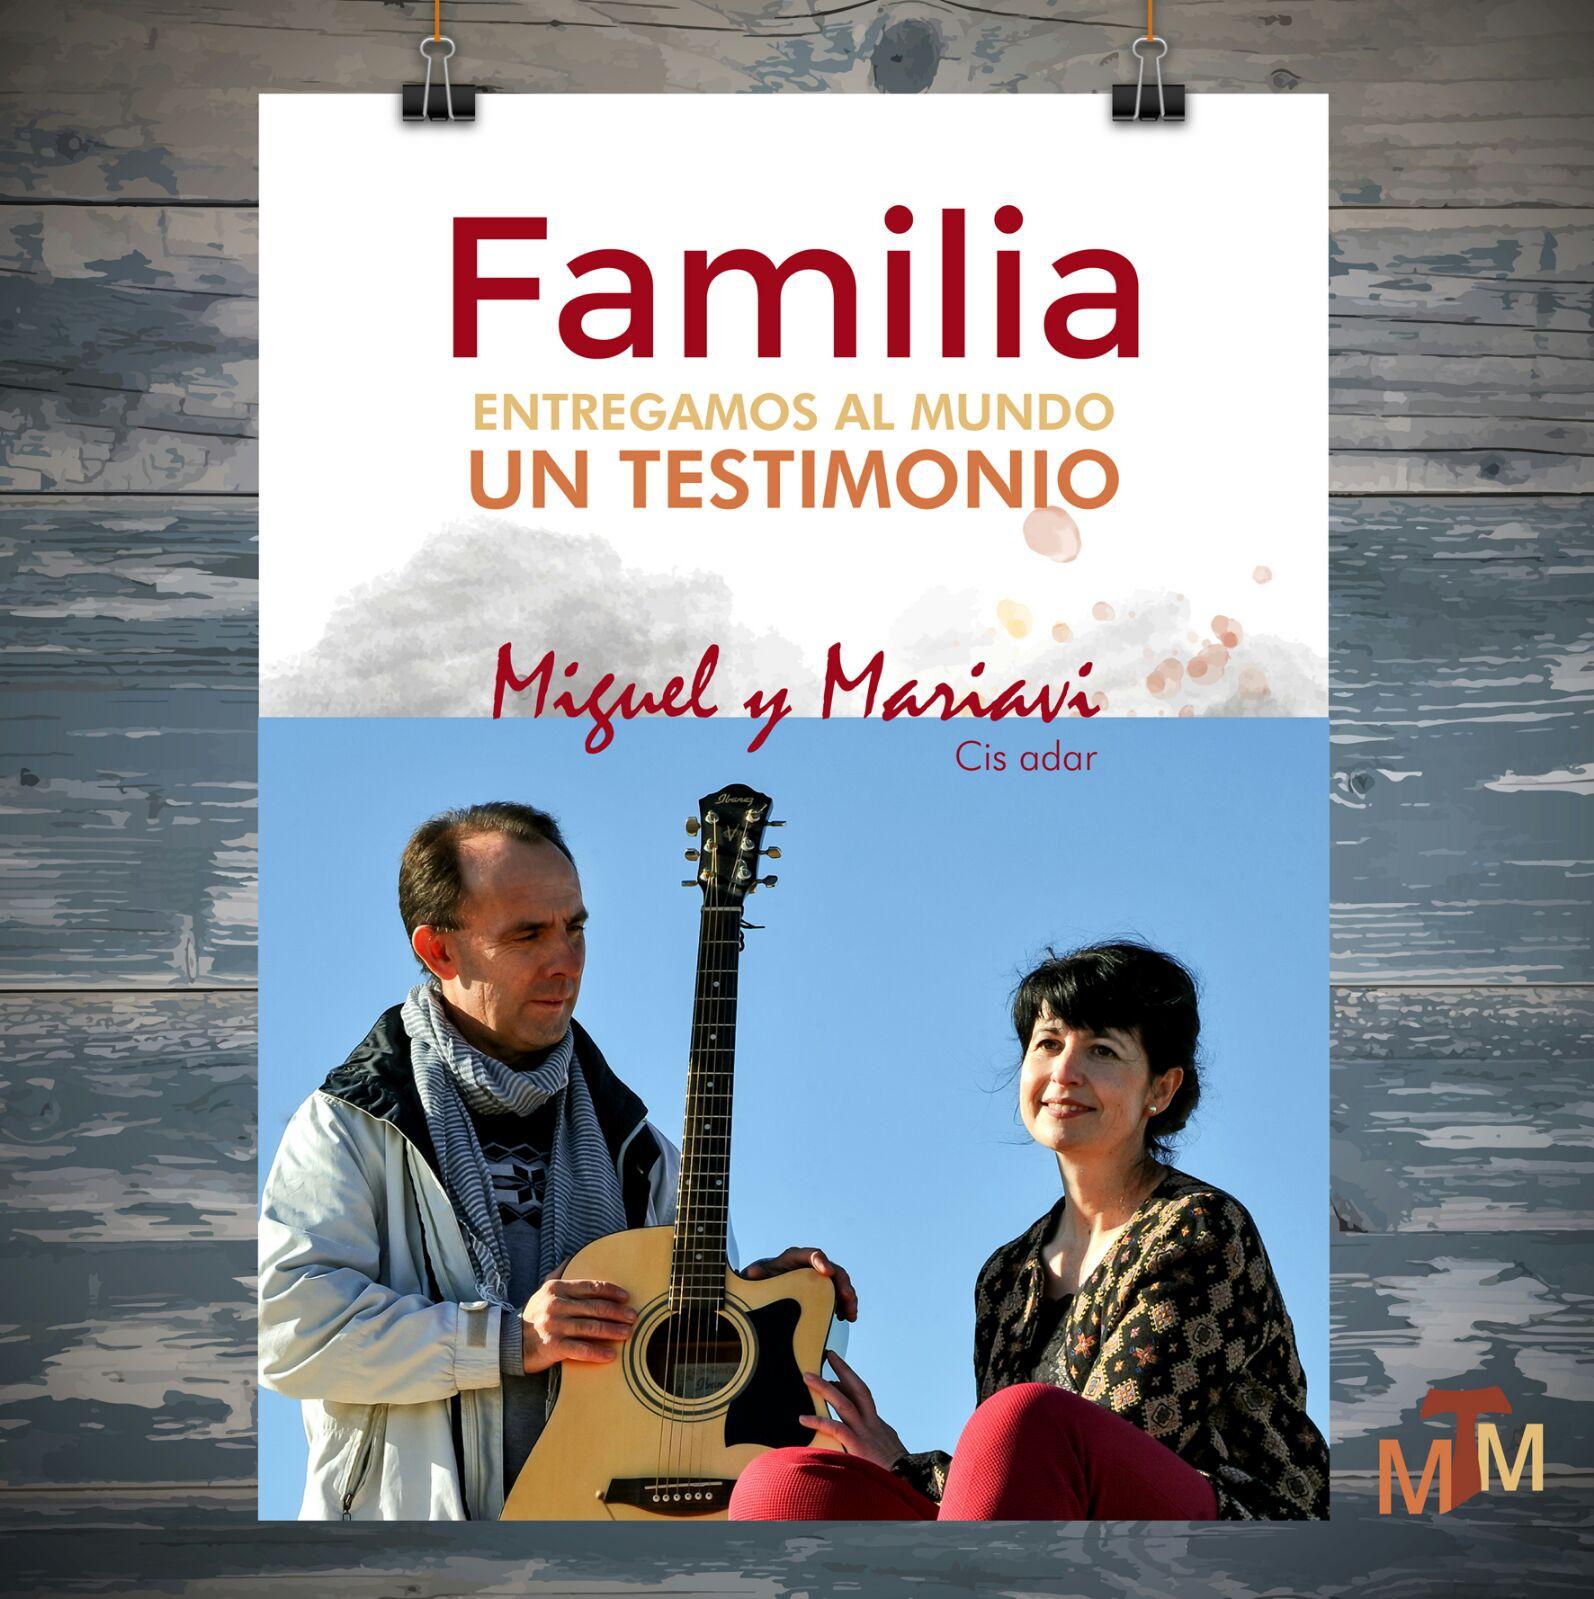 'Cis Adar' presenta su cuarto disco de música 'Familia' en Herencia el próximo 5 de marzo